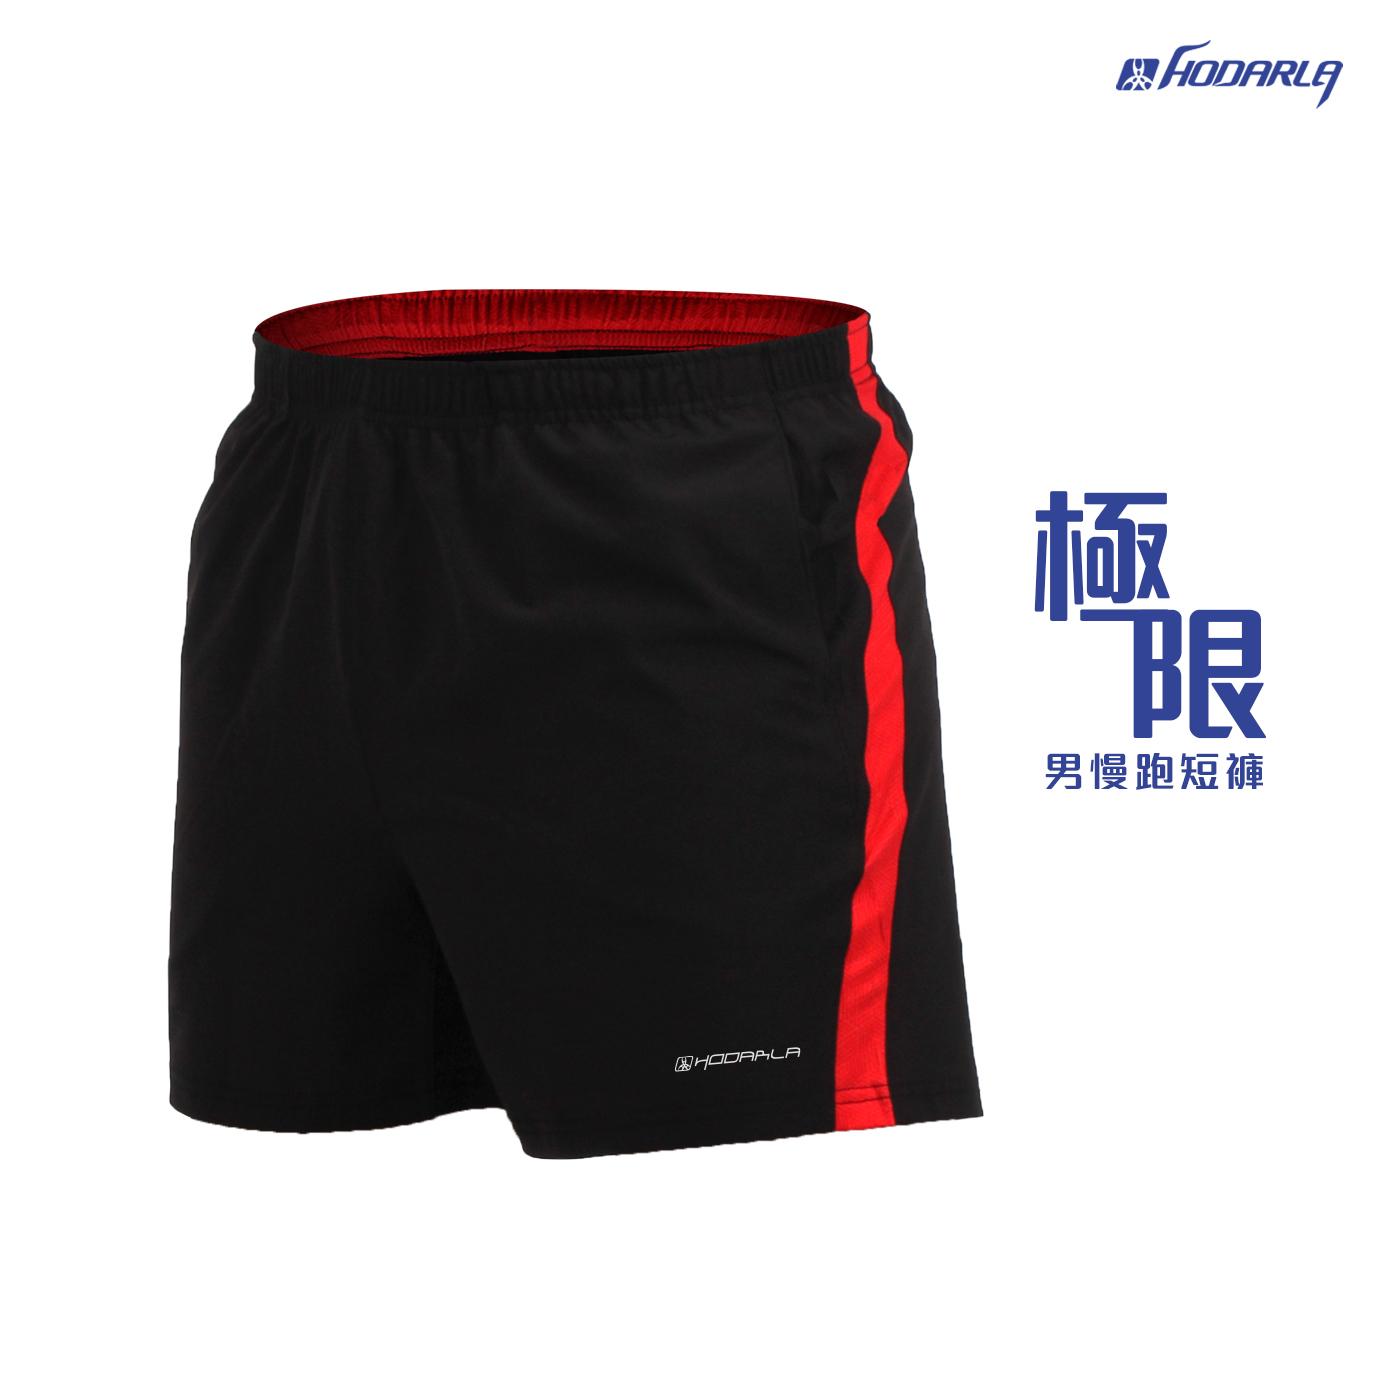 (男) HODARLA 極限慢跑短褲-慢跑 路跑 台灣製 黑紅